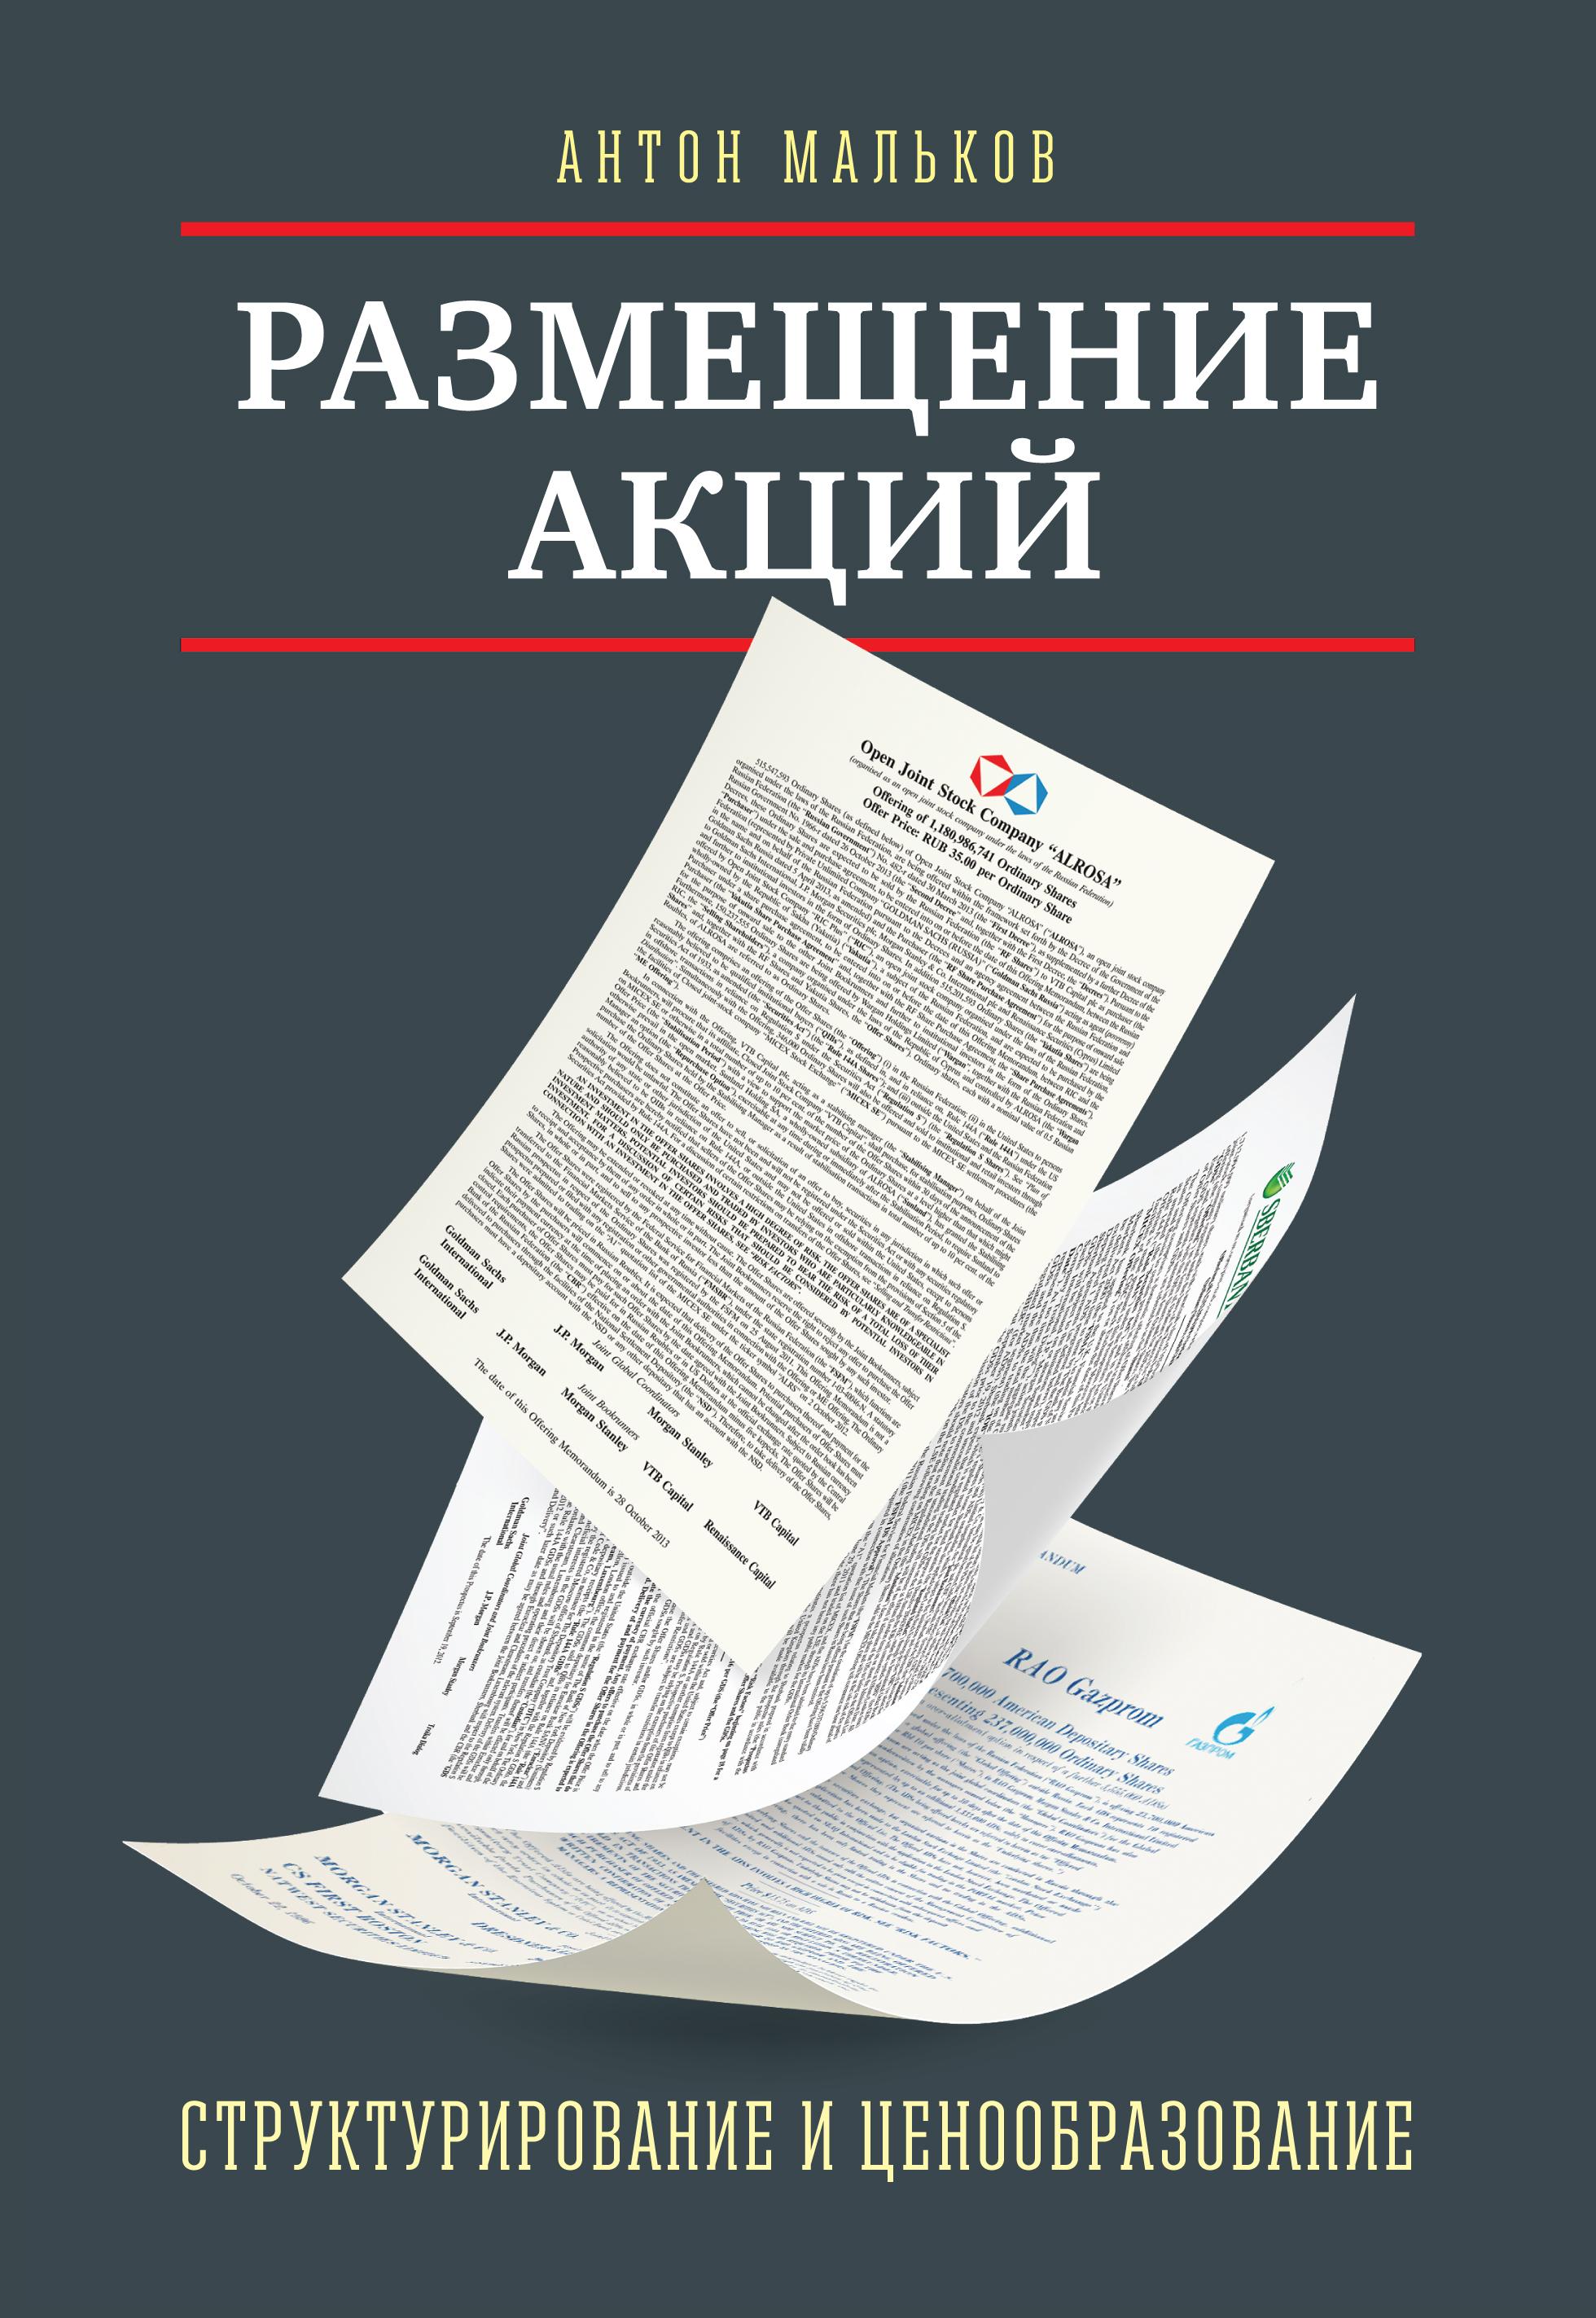 Мальков А. Размещение акций: структурирование и ценообразование